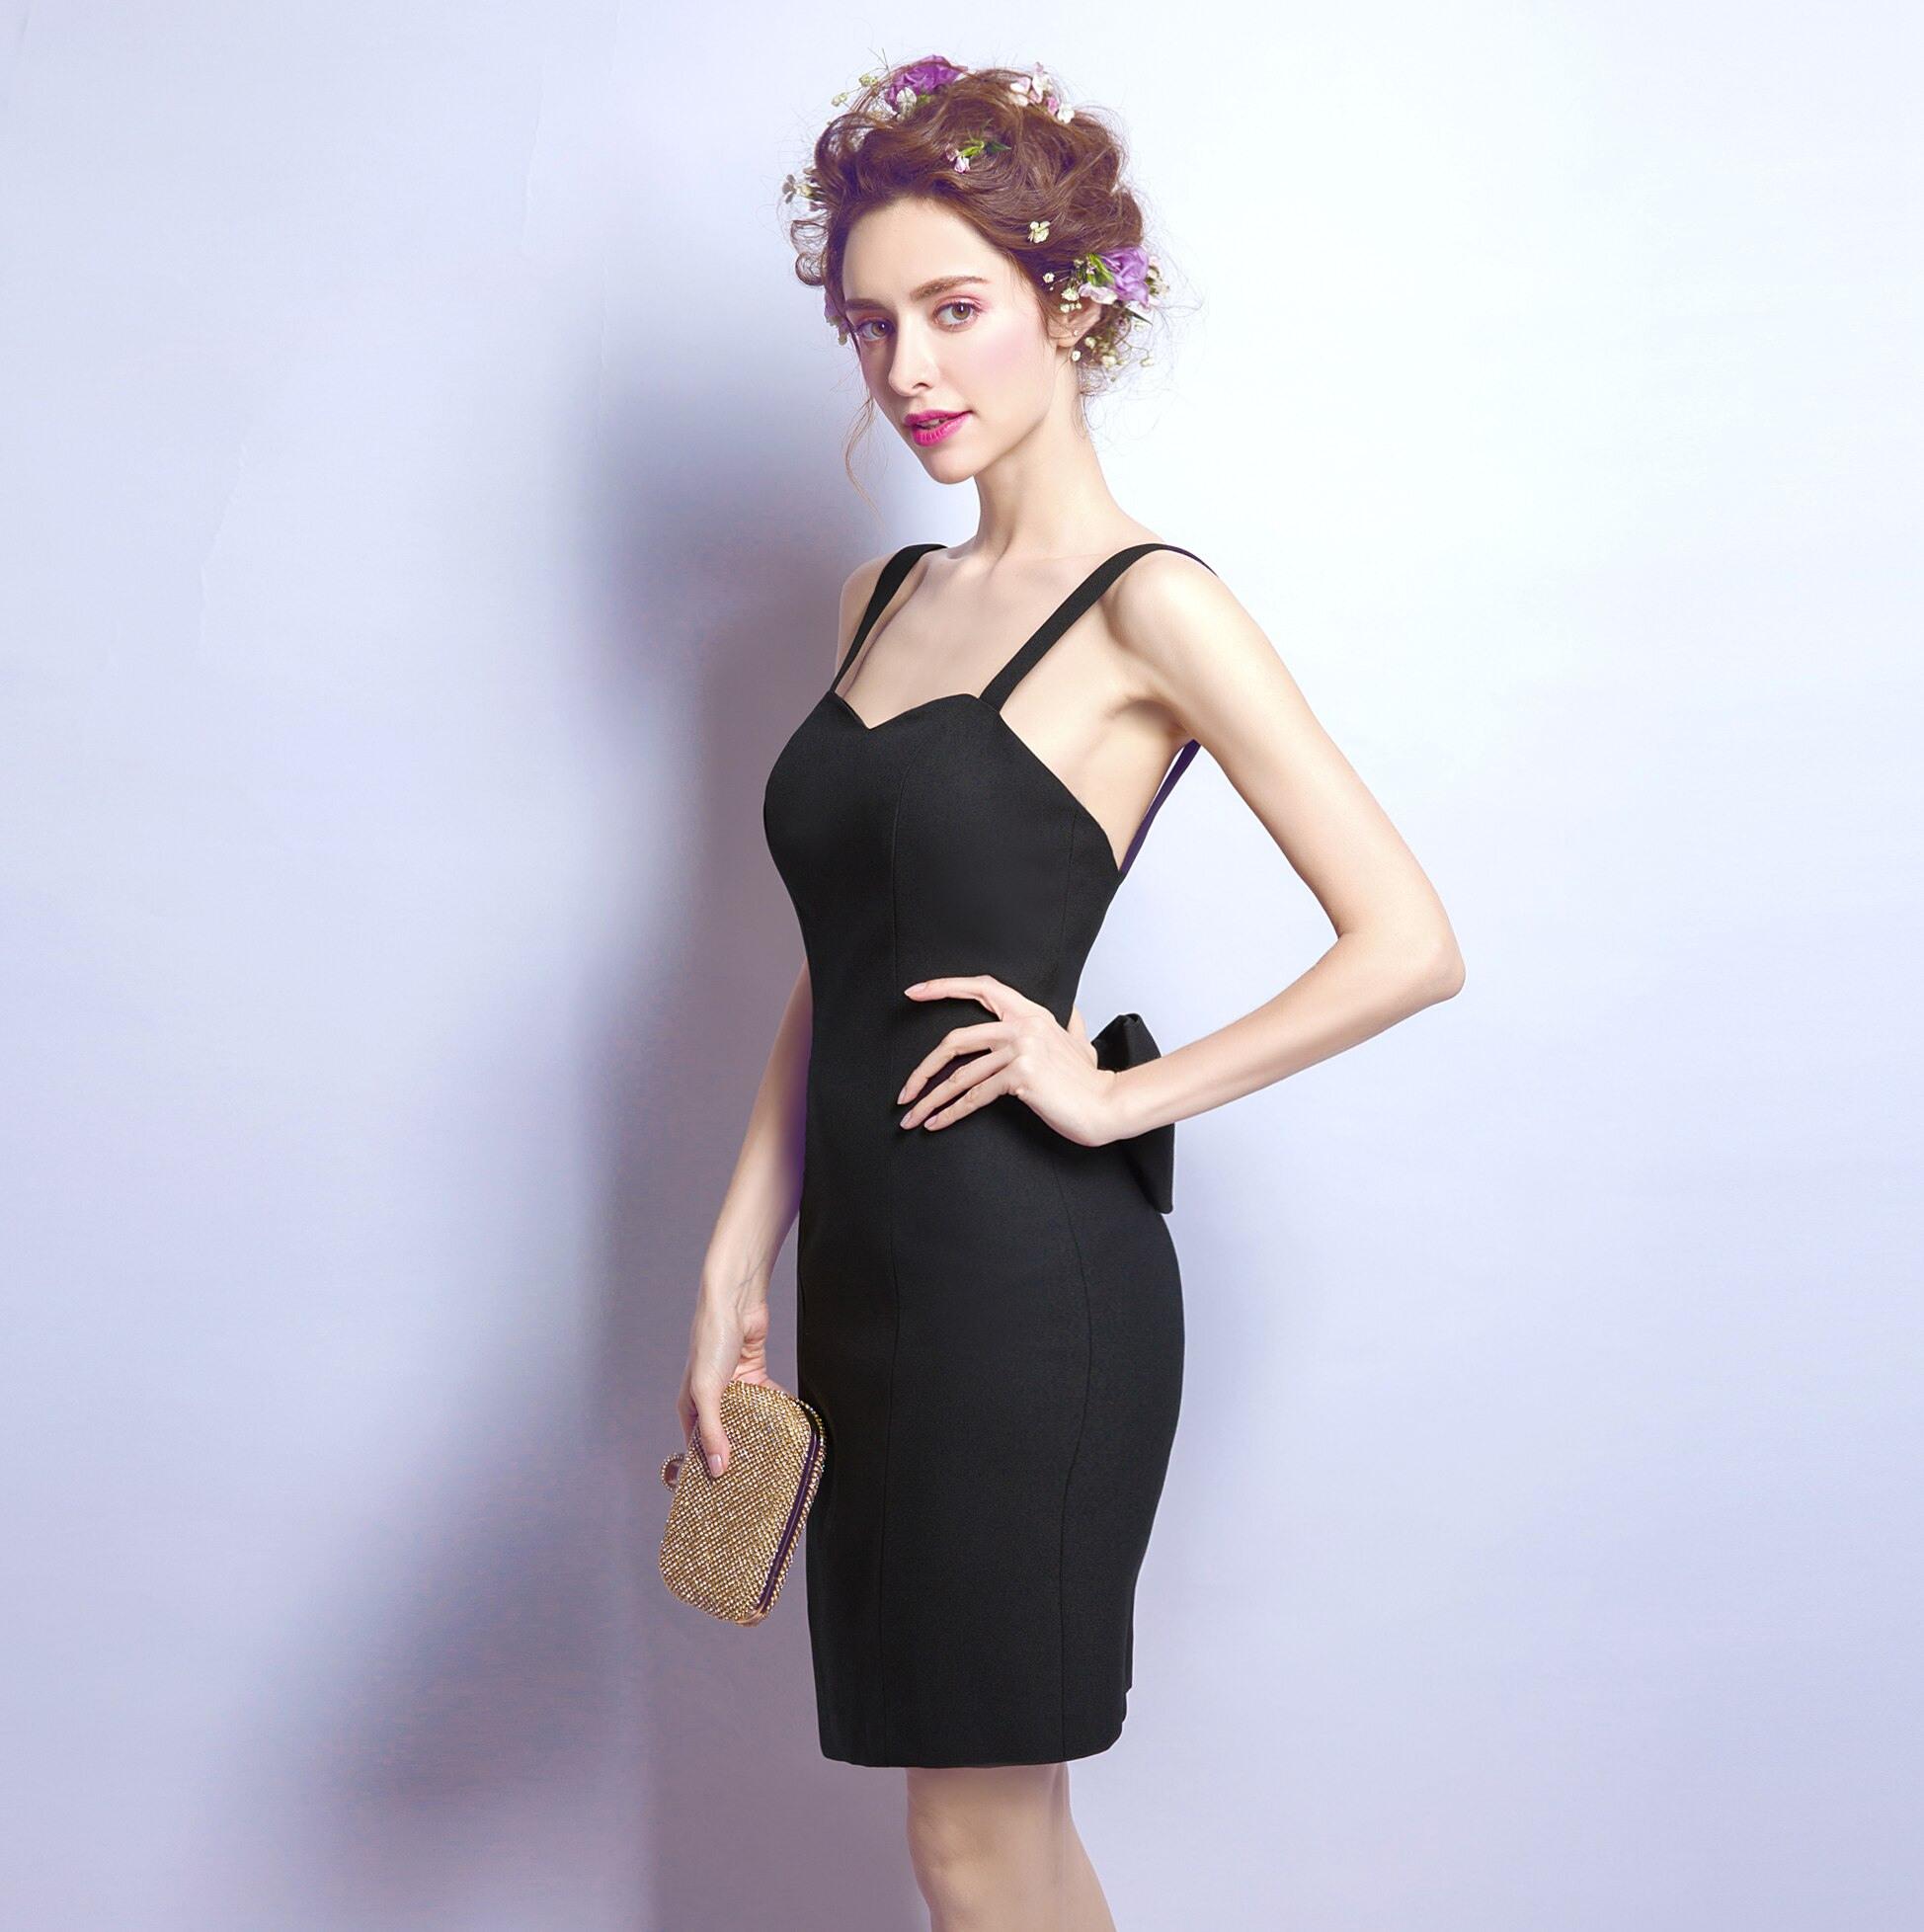 19 Perfekt Kleines Schwarzes Kleid Cocktailkleid Abend Stylish